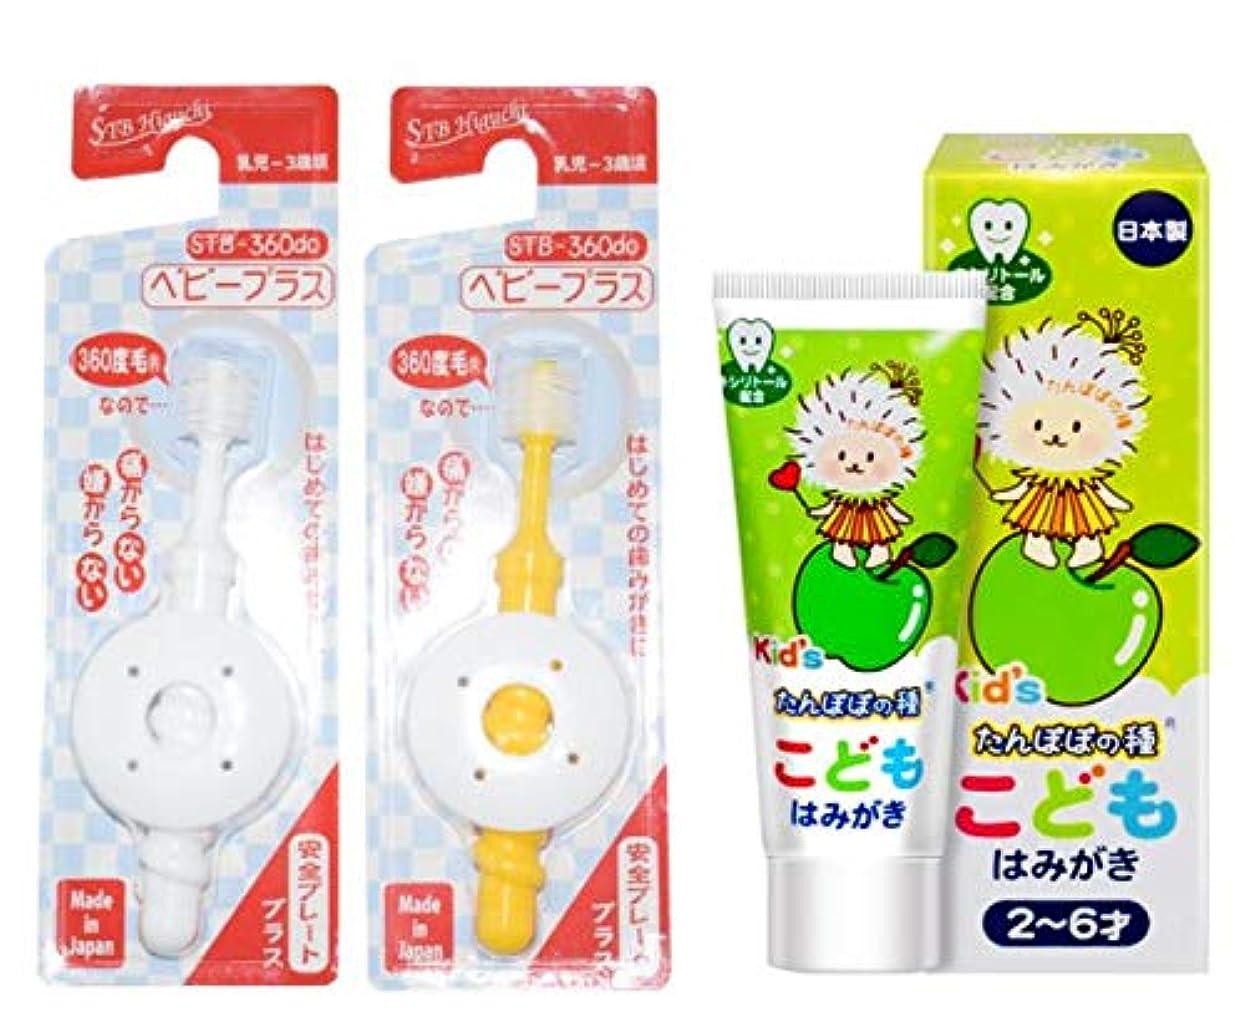 追い出す年飲食店STB-360do ベビープラス 360度歯ブラシ 2本 子供用ハミガキ粉セット